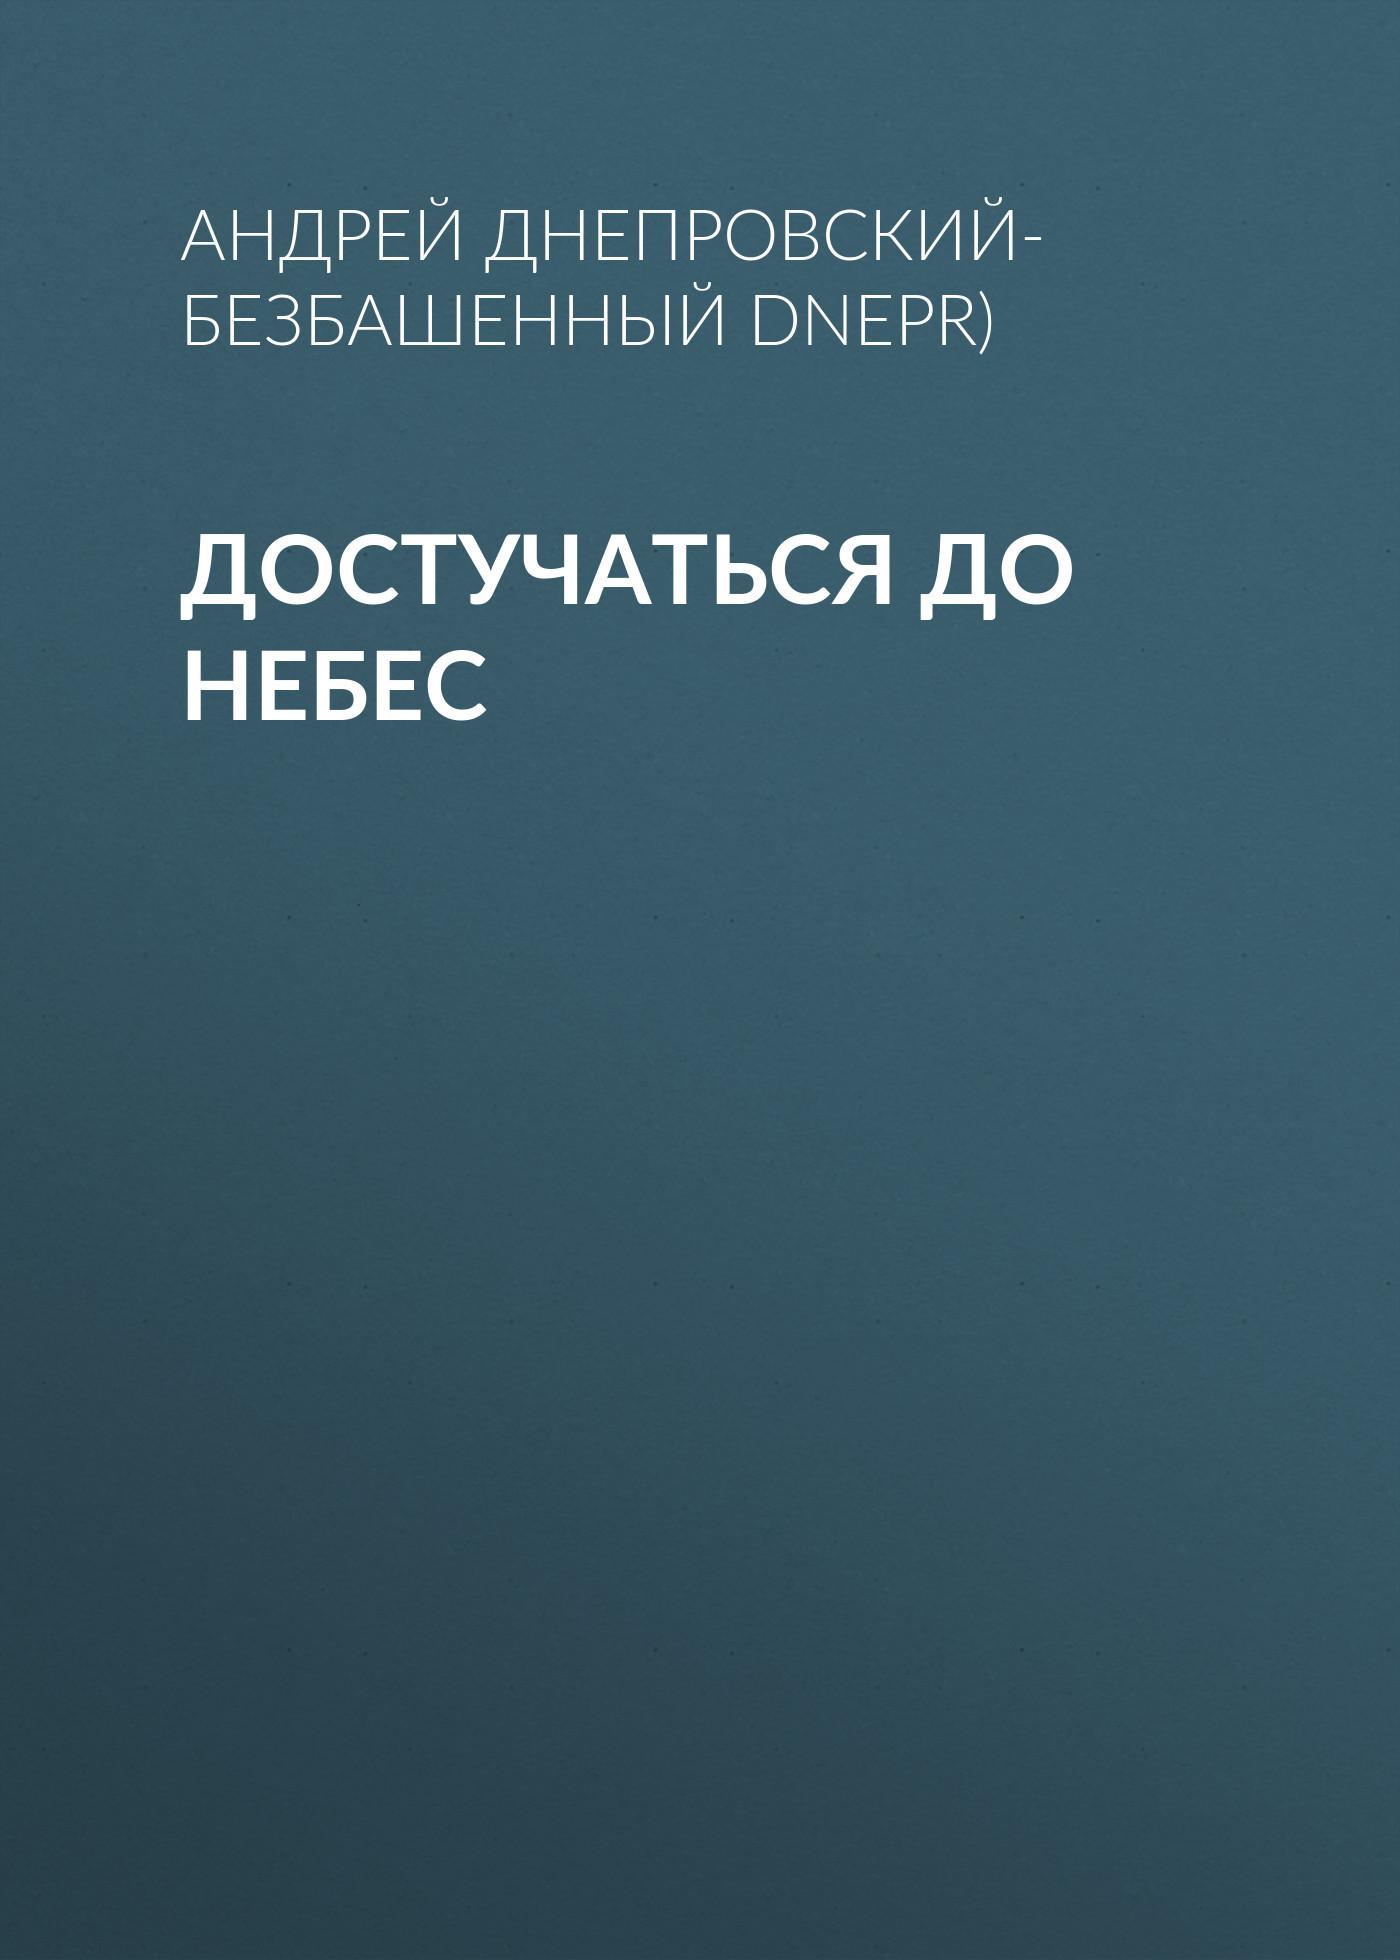 Андрей Днепровский-Безбашенный (A.DNEPR) Достучаться до небес жукова гладкова м как стать вдовой достучаться до неба